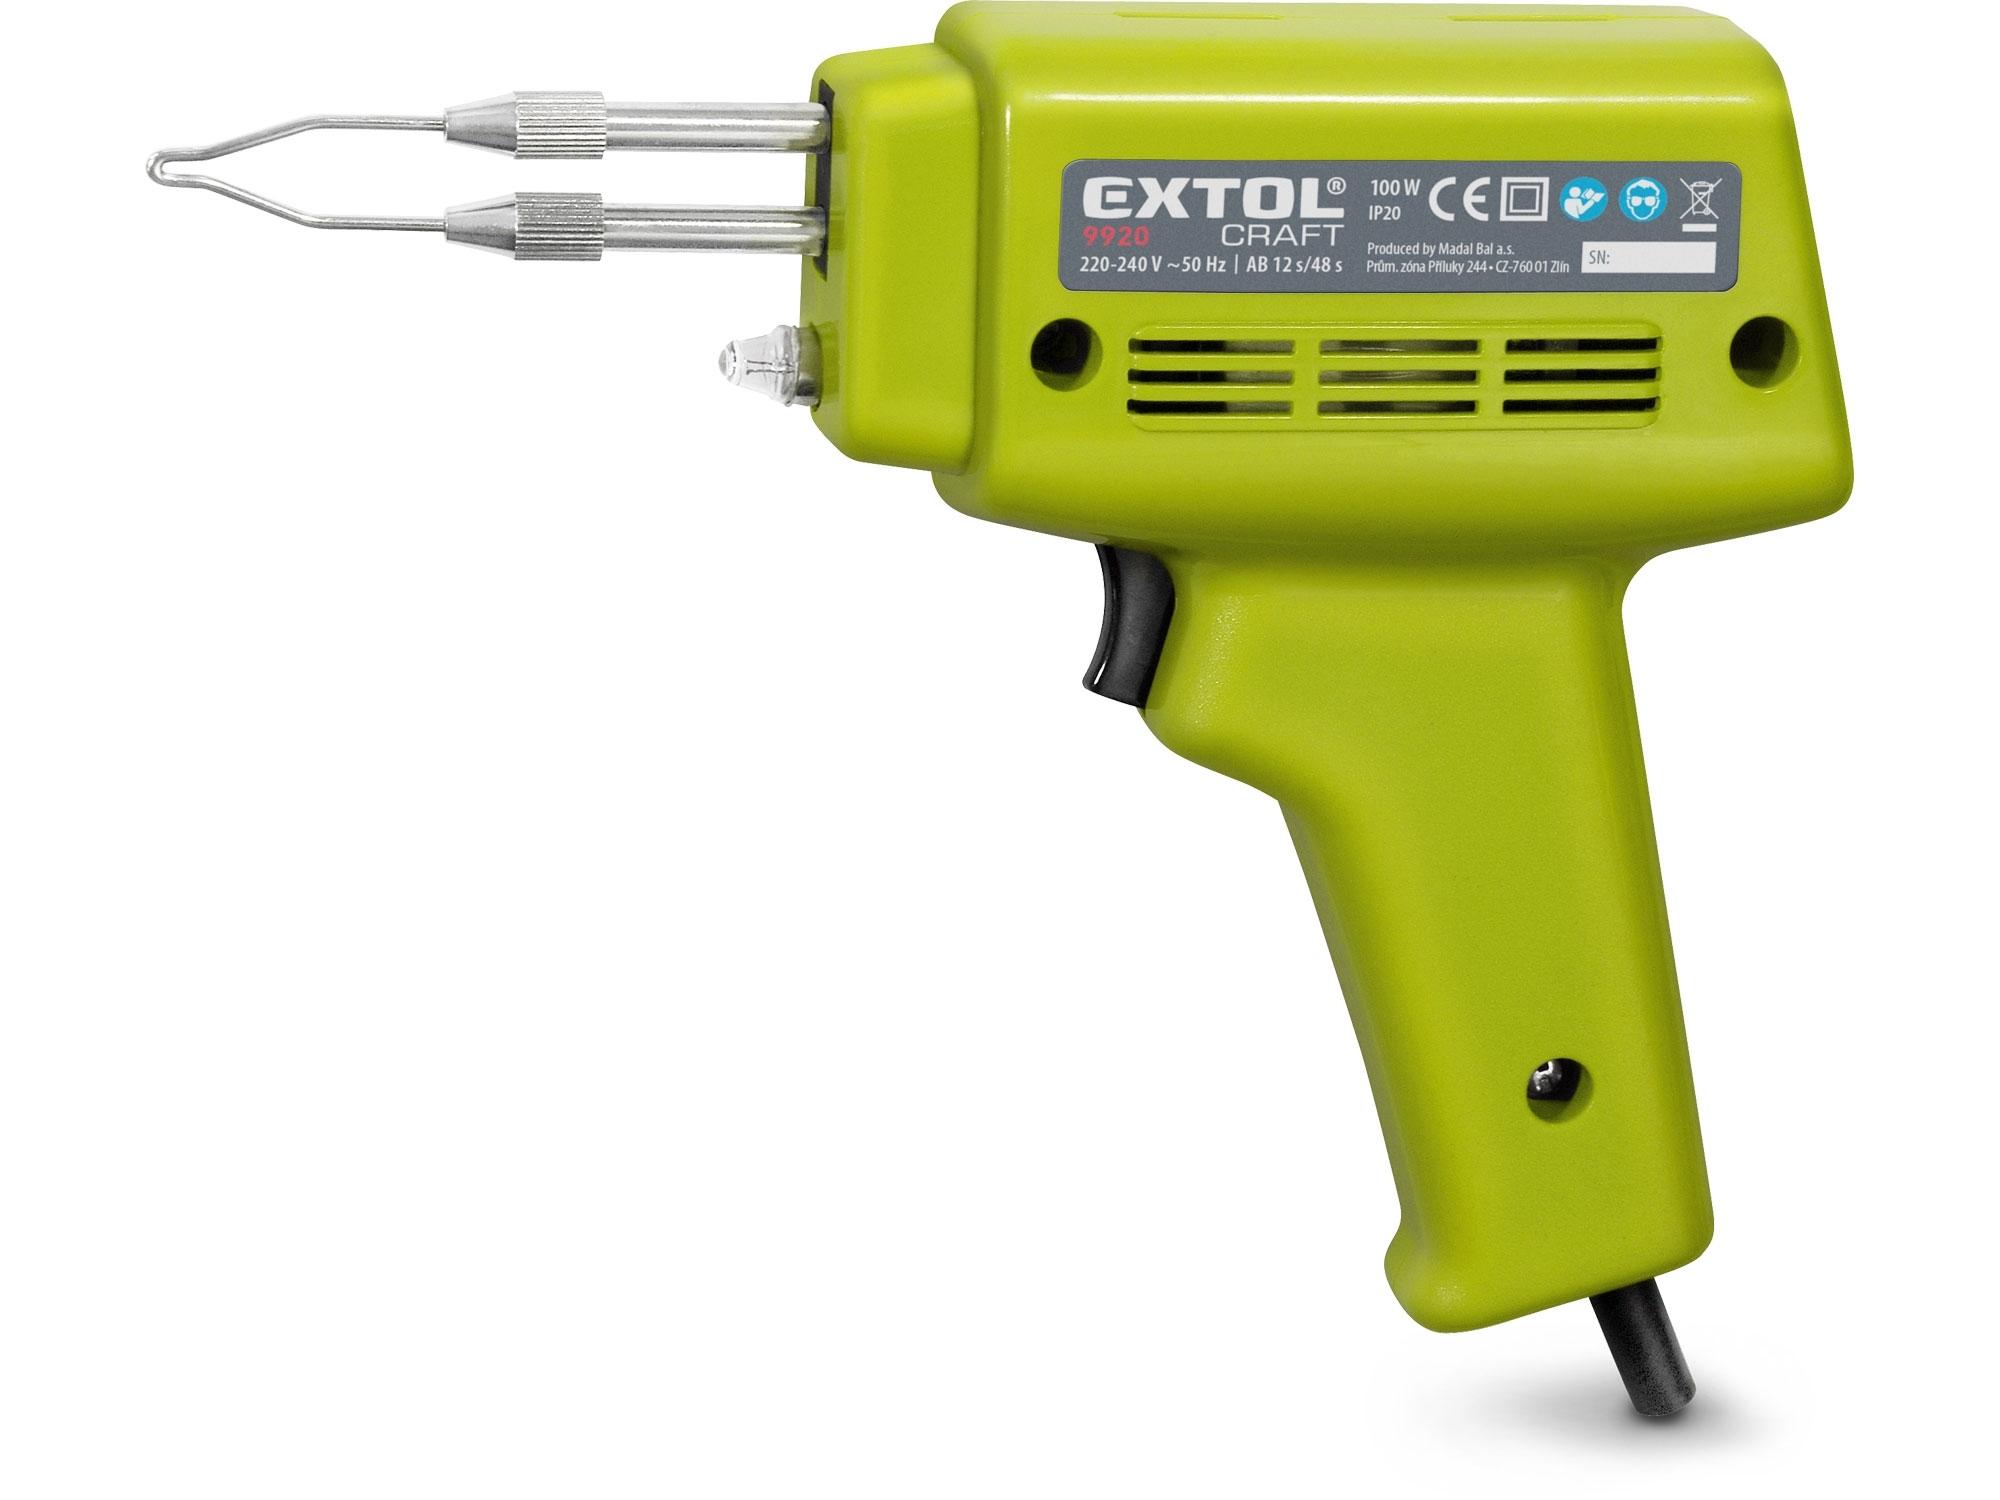 pistole pájecí transformátorová, 100W